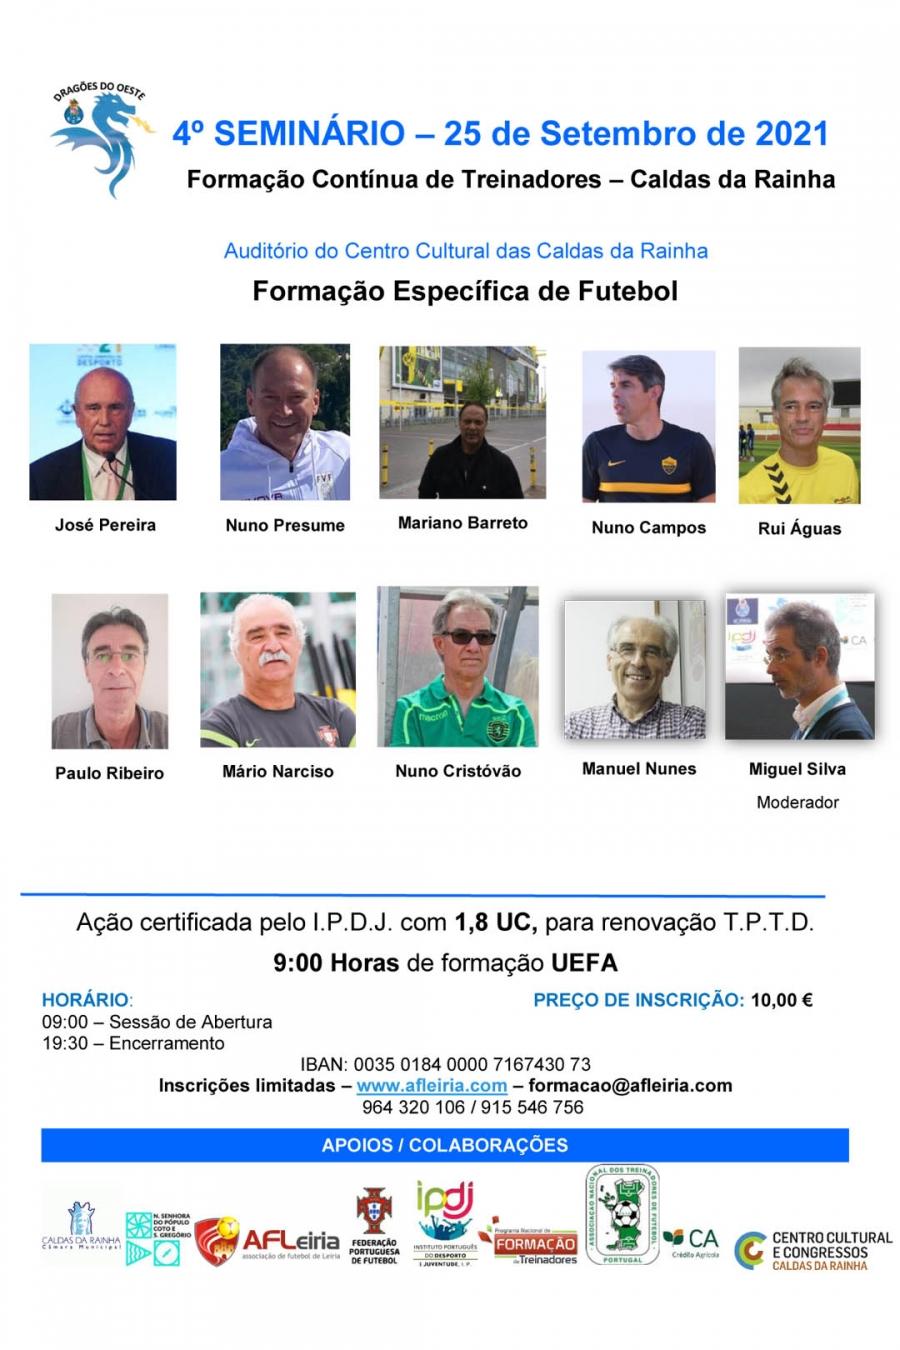 Formação Contínua de Treinadores   Formação Específica de Futebol